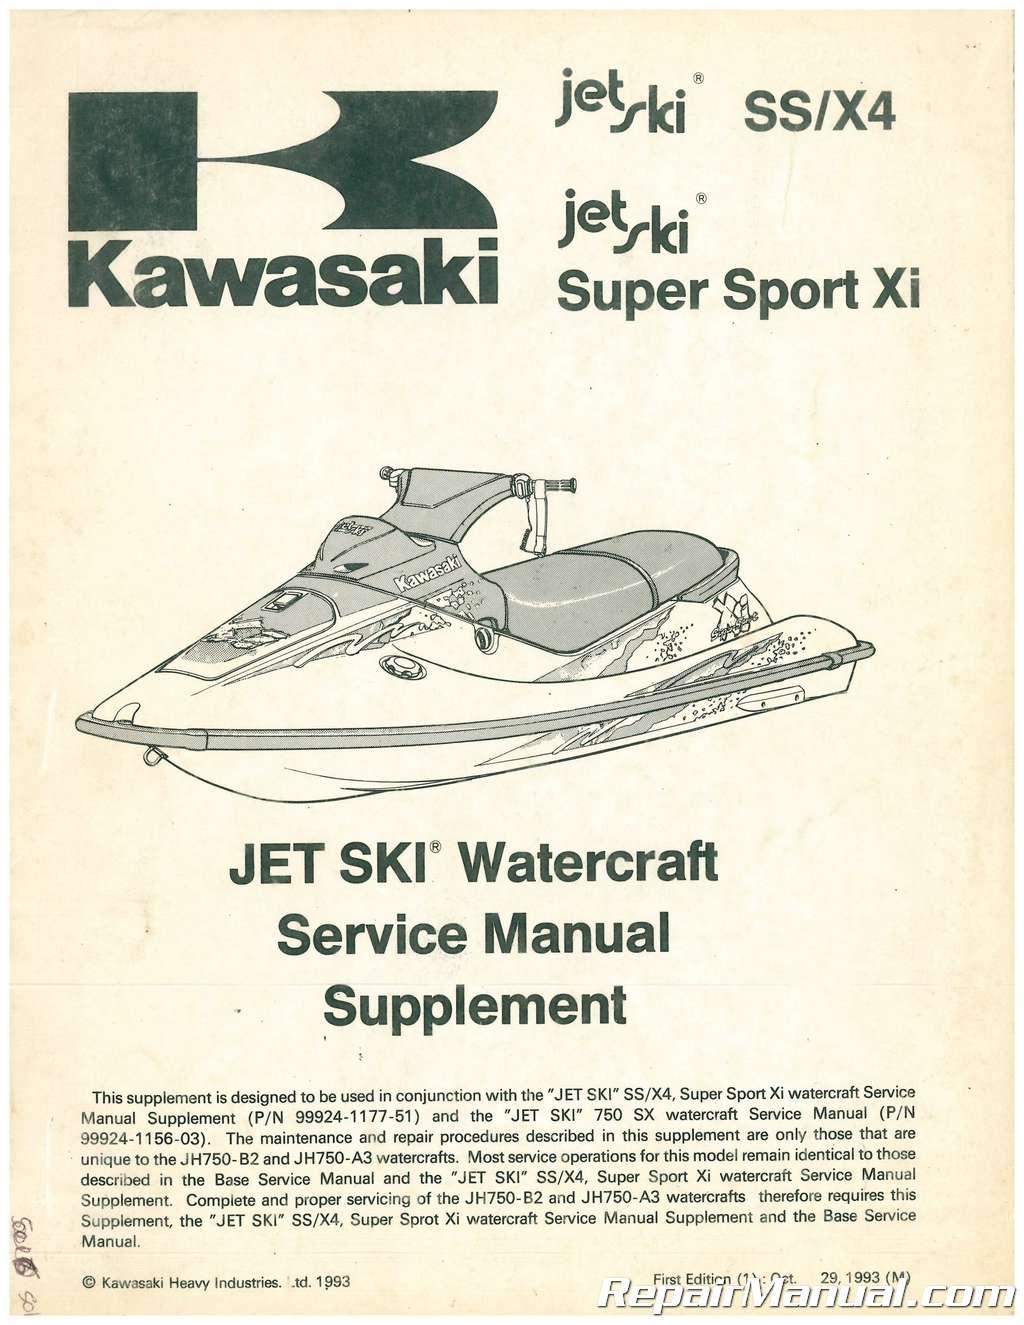 Used 1994 Kawasaki Jet Ski Ss X4 Super Sport X1 Service Manual Supplement